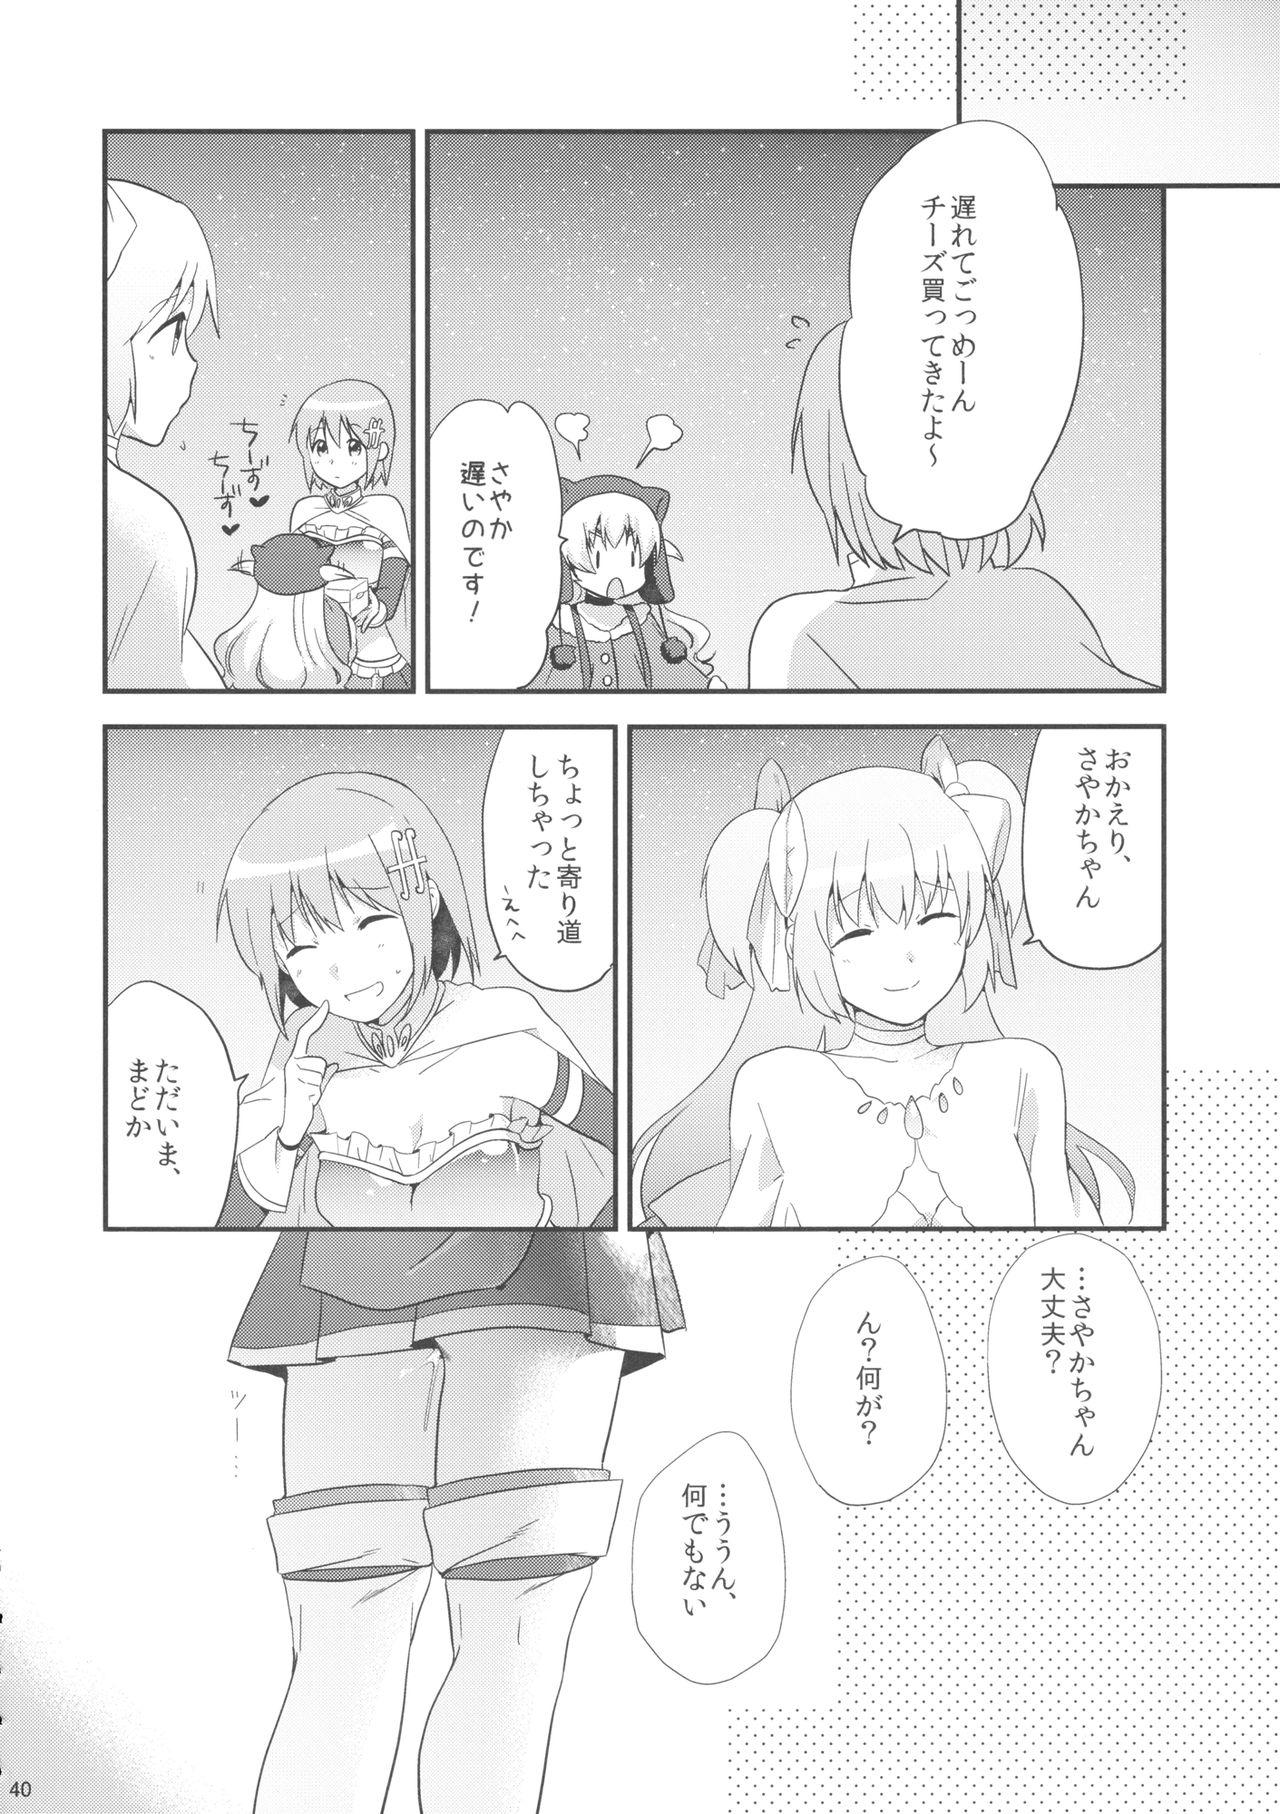 if Kanzenban 38